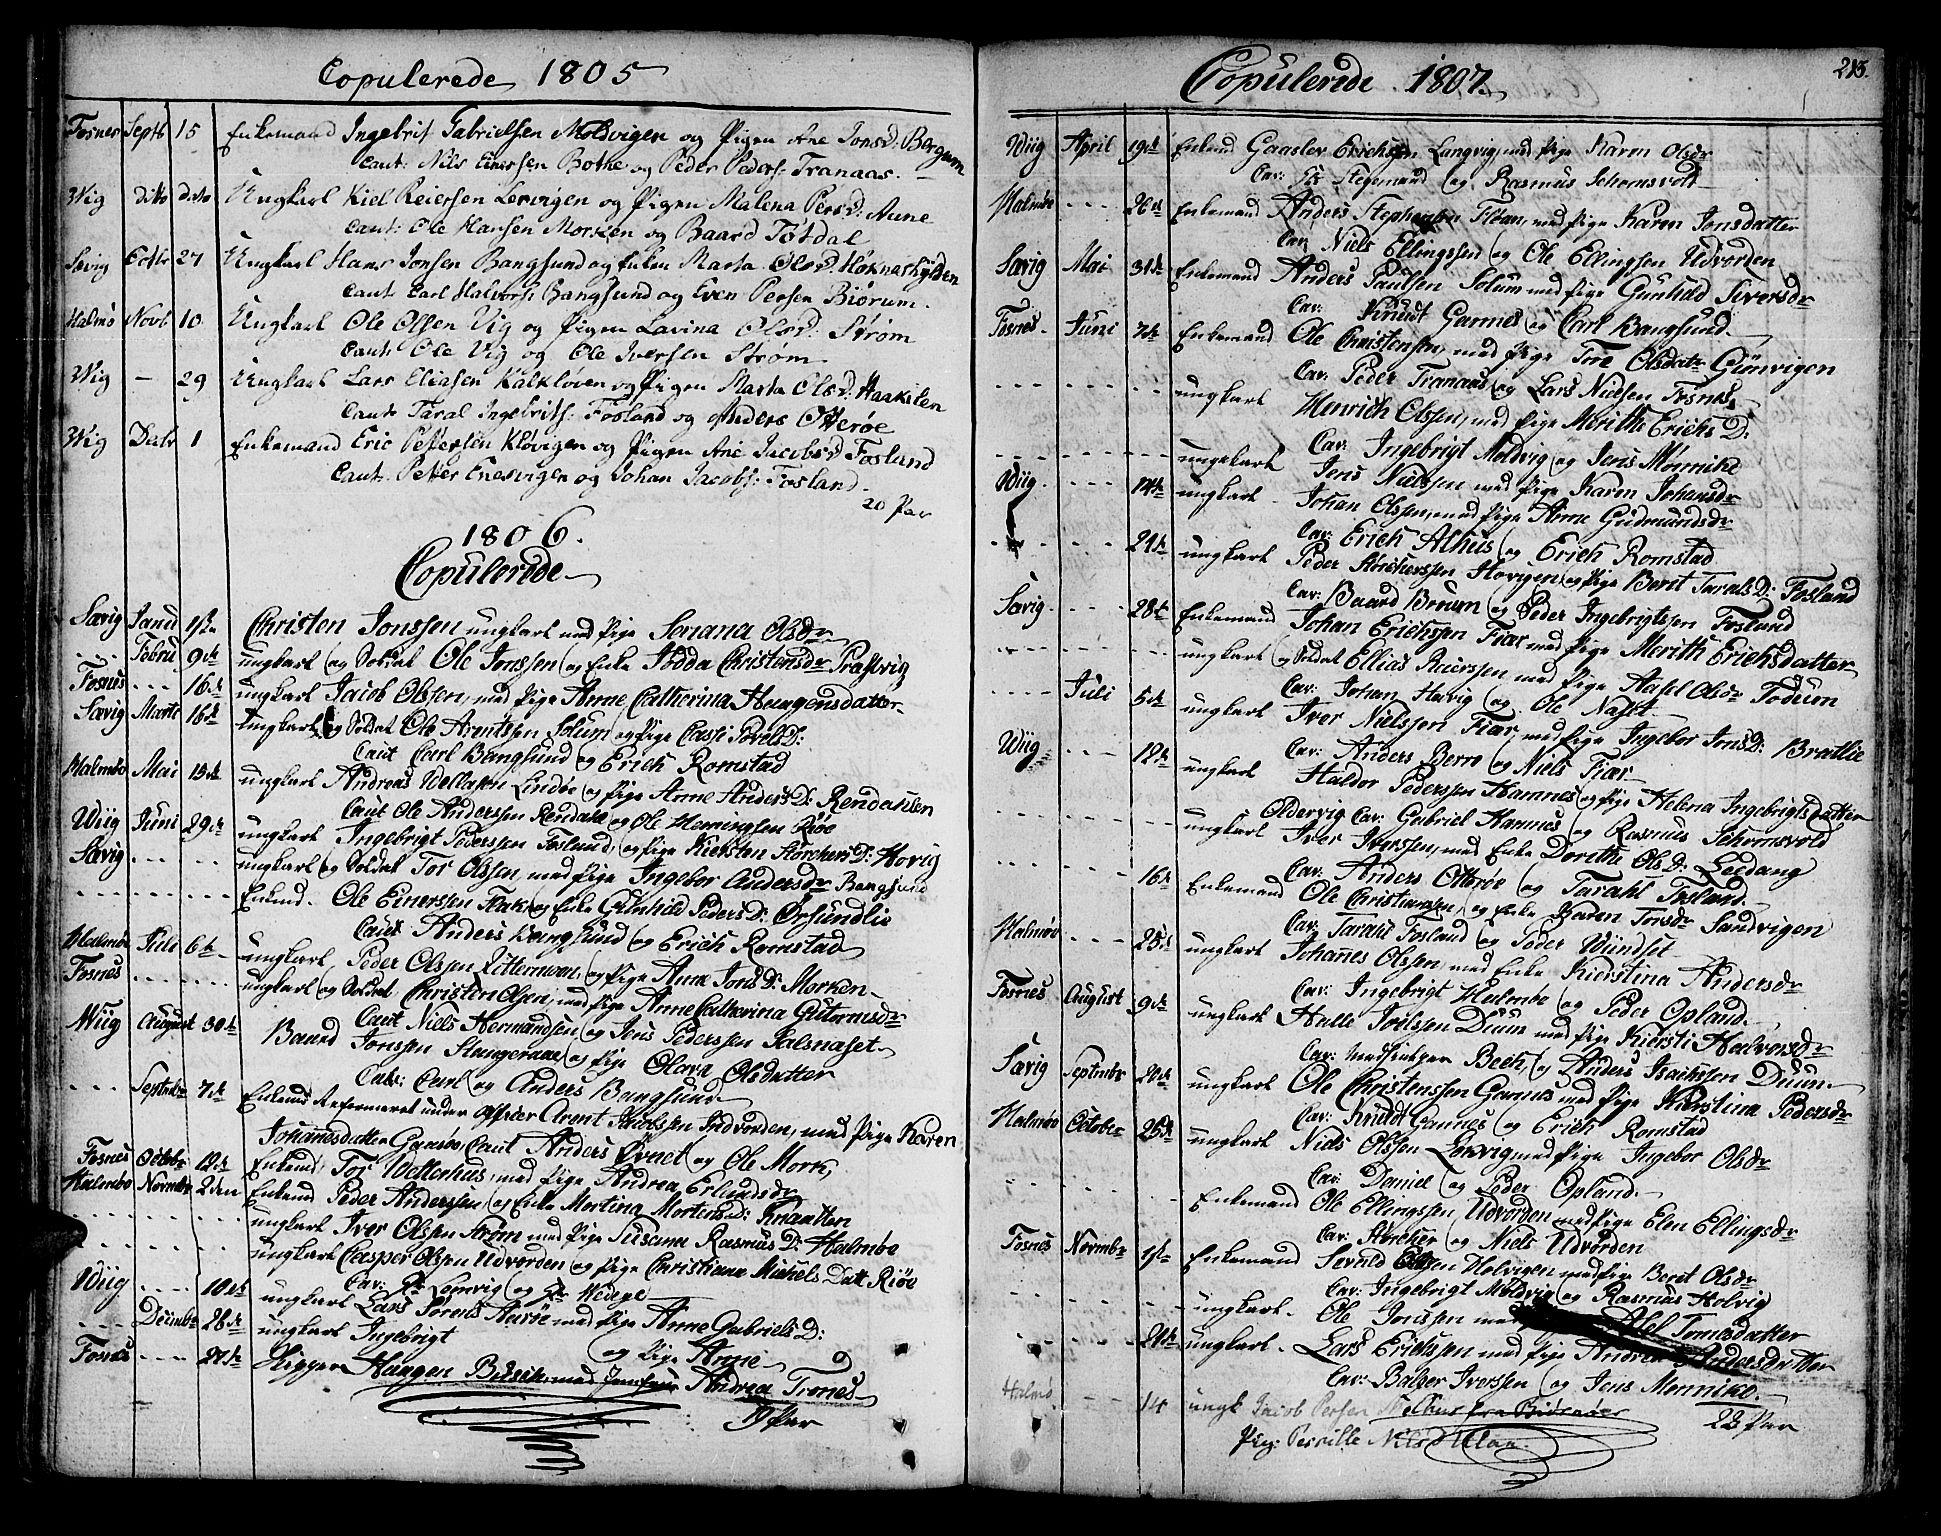 SAT, Ministerialprotokoller, klokkerbøker og fødselsregistre - Nord-Trøndelag, 773/L0608: Ministerialbok nr. 773A02, 1784-1816, s. 213